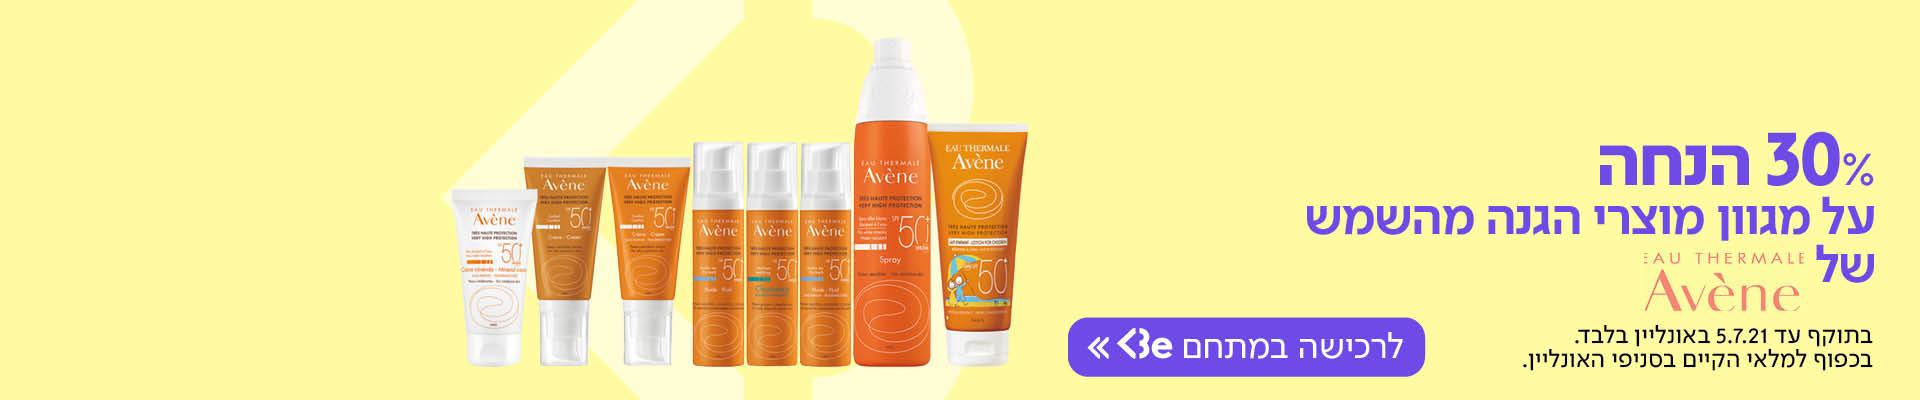 30% הנחה על מגוון מוצרי הגנה מהשמש של Avene שמש. בתוקף עד 5.7.21 באונליין בלבד. בכפוף למלאי הקיים בסניפי האונליין. היכנסו למתחם Be לרכישה>>